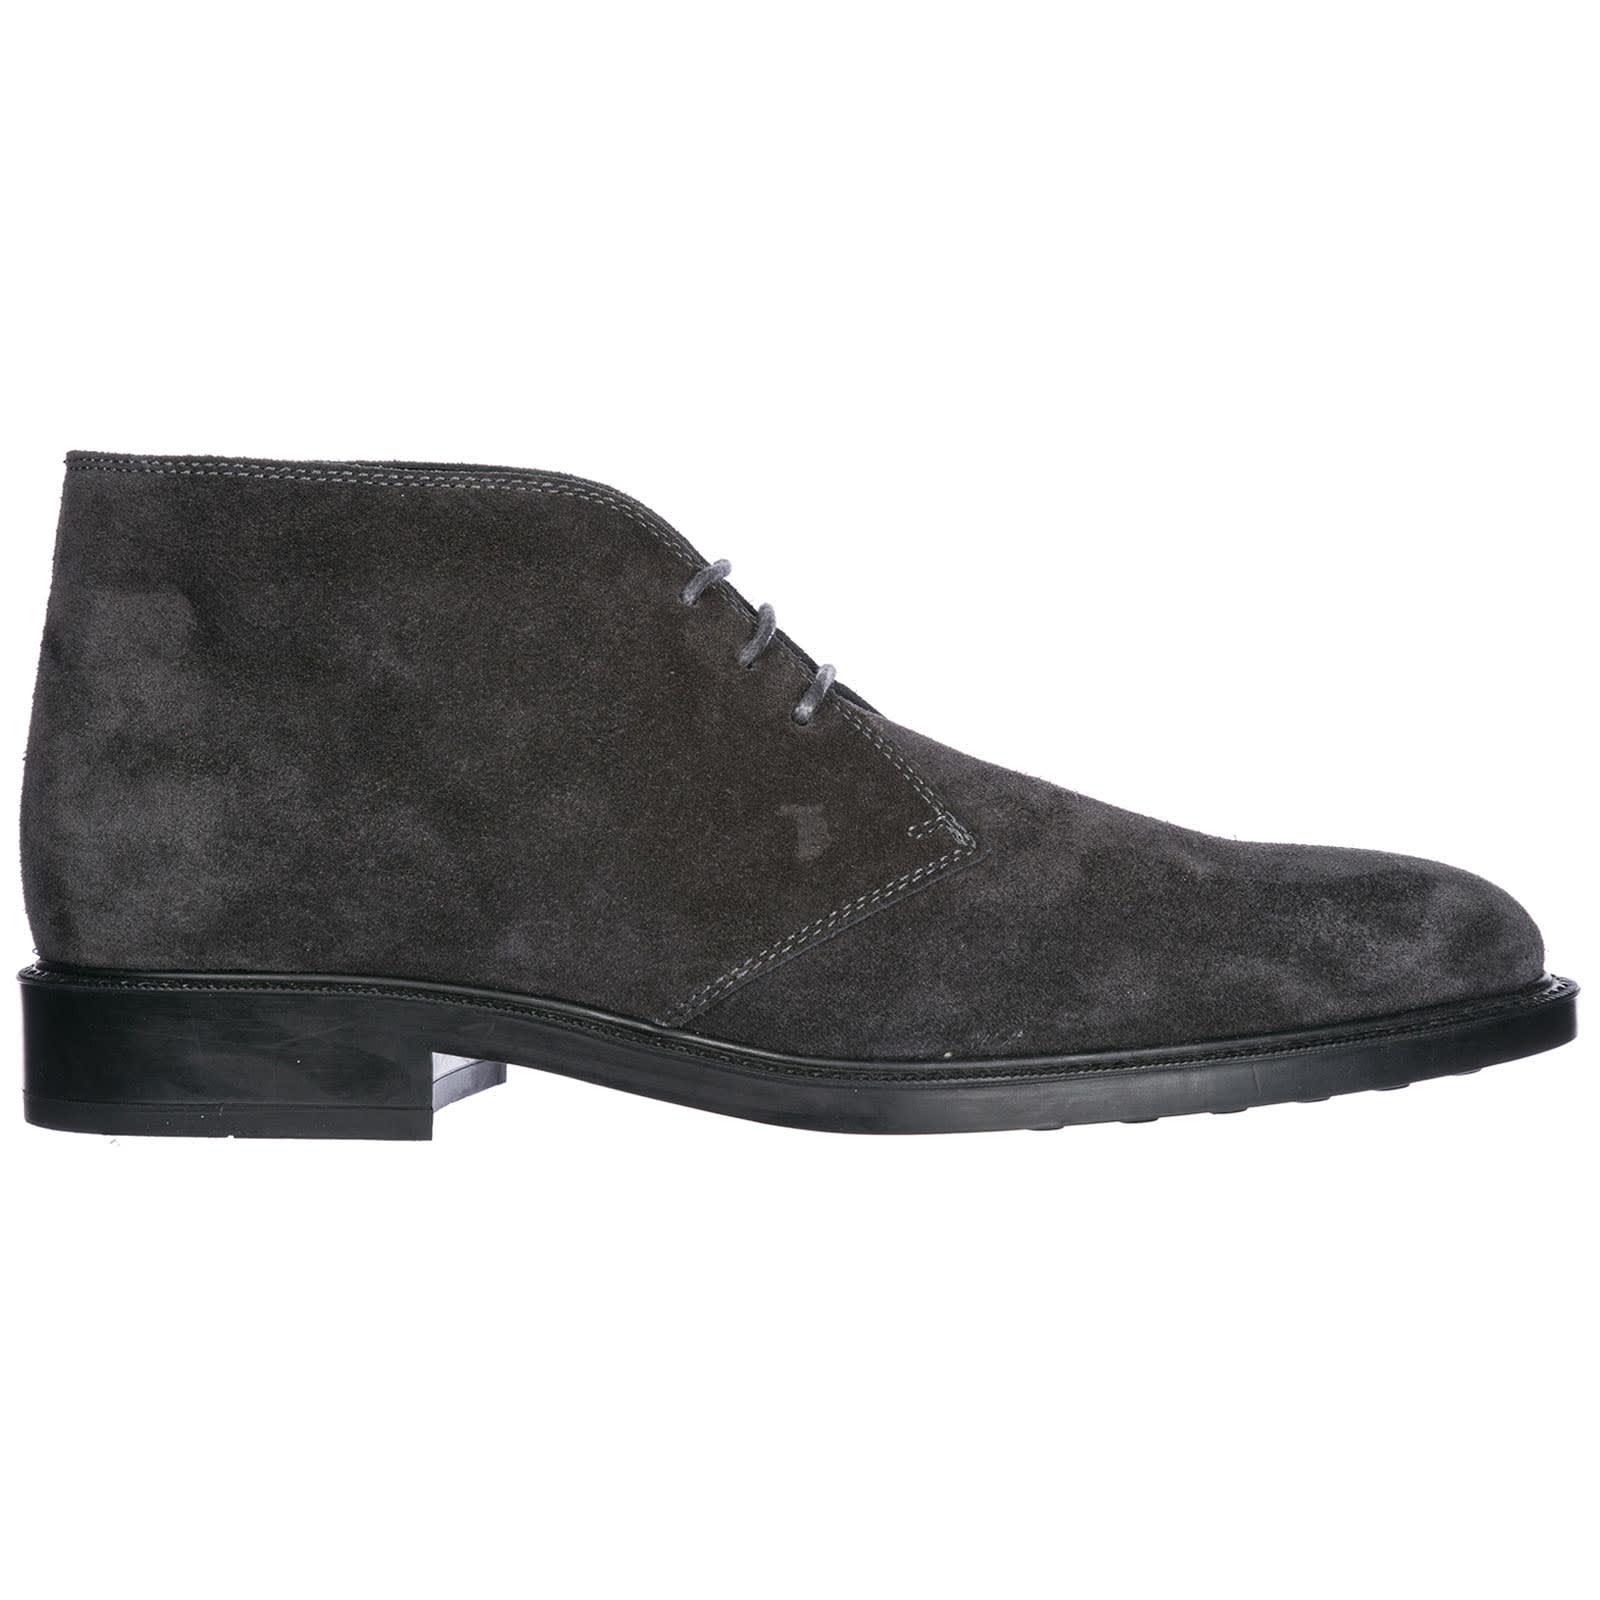 Tods 45a Desert Boots